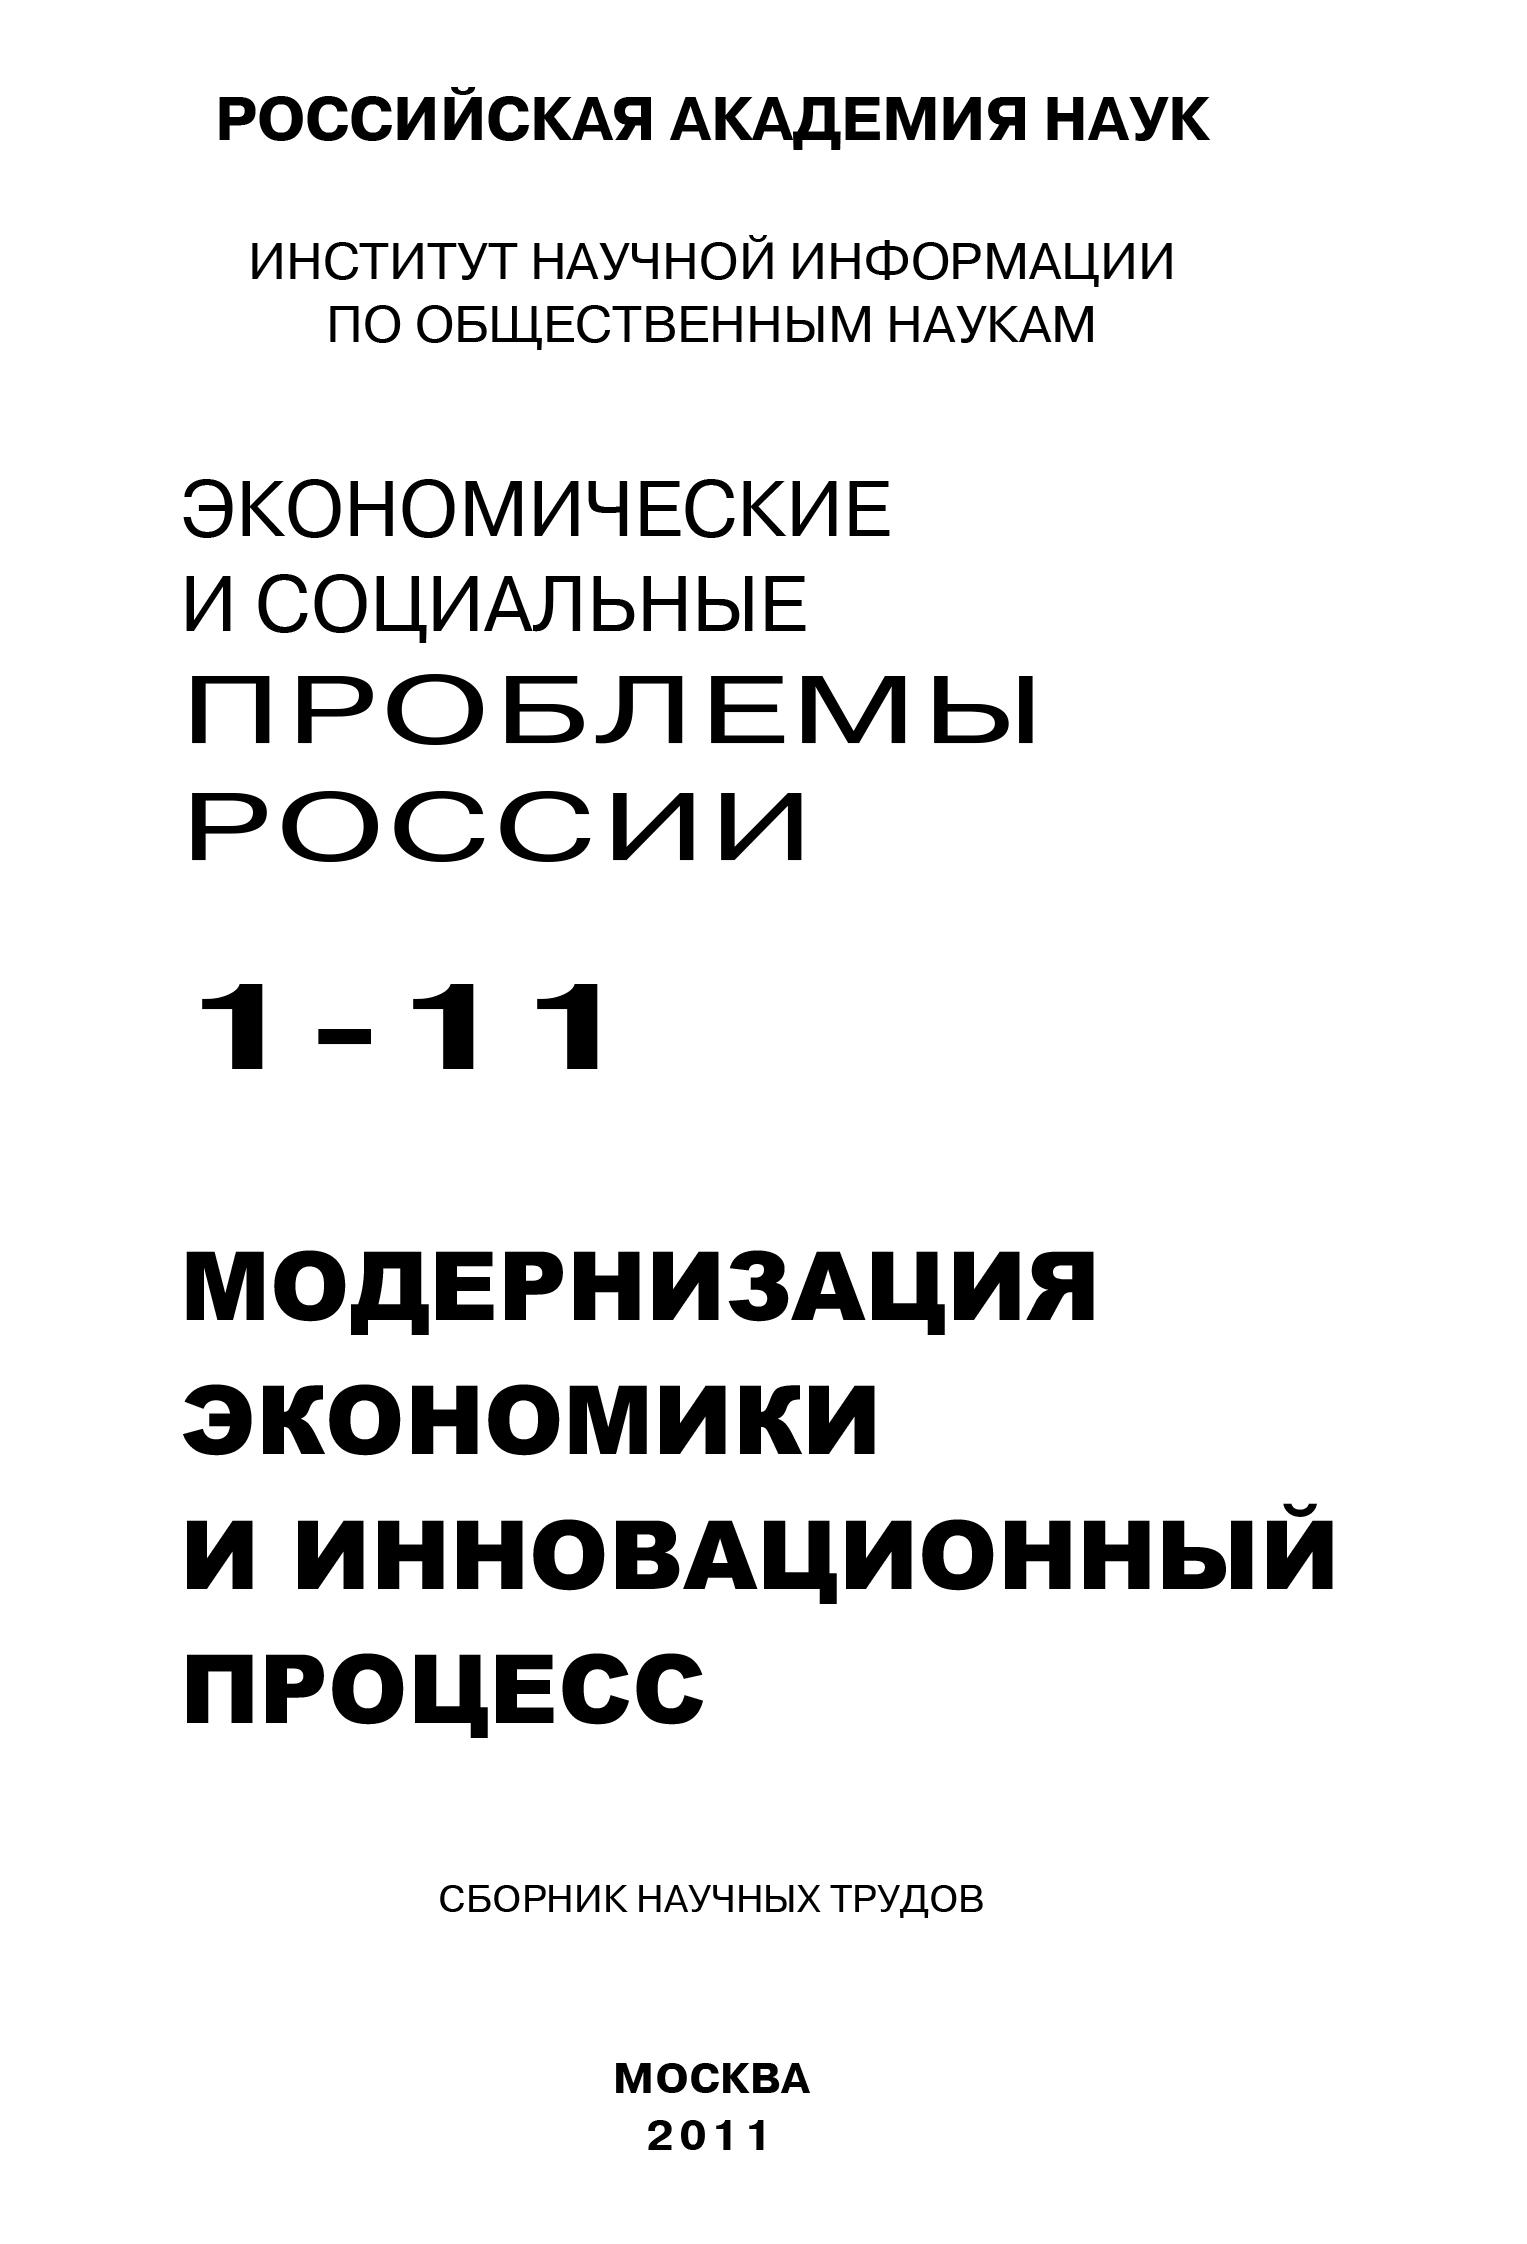 Экономические и социальные проблемы России № 1 / 2011